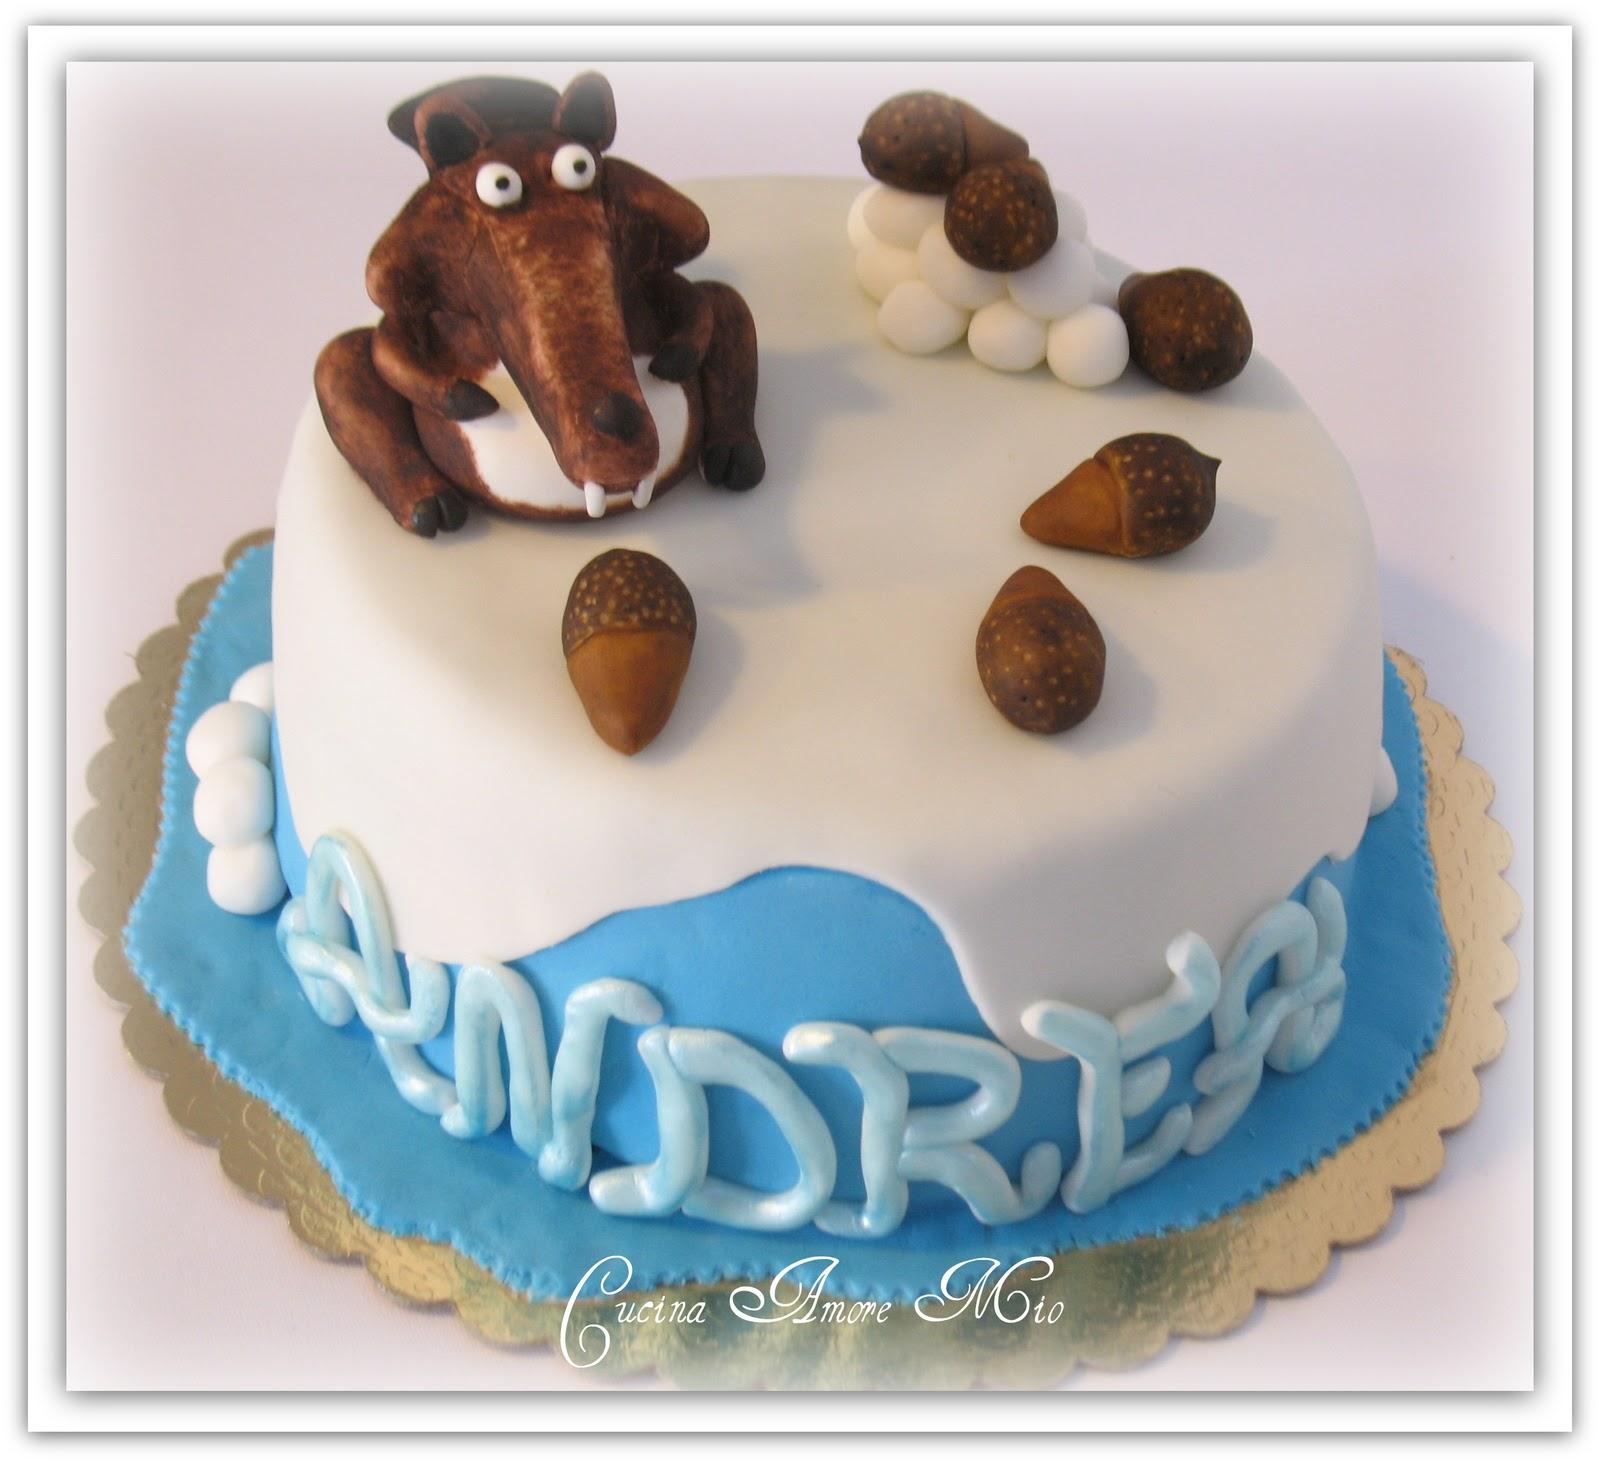 Eccezionale Lara Costantini Cake Designer: TORTA ERA GLACIALE - SCRAT E LE SUE  YK95